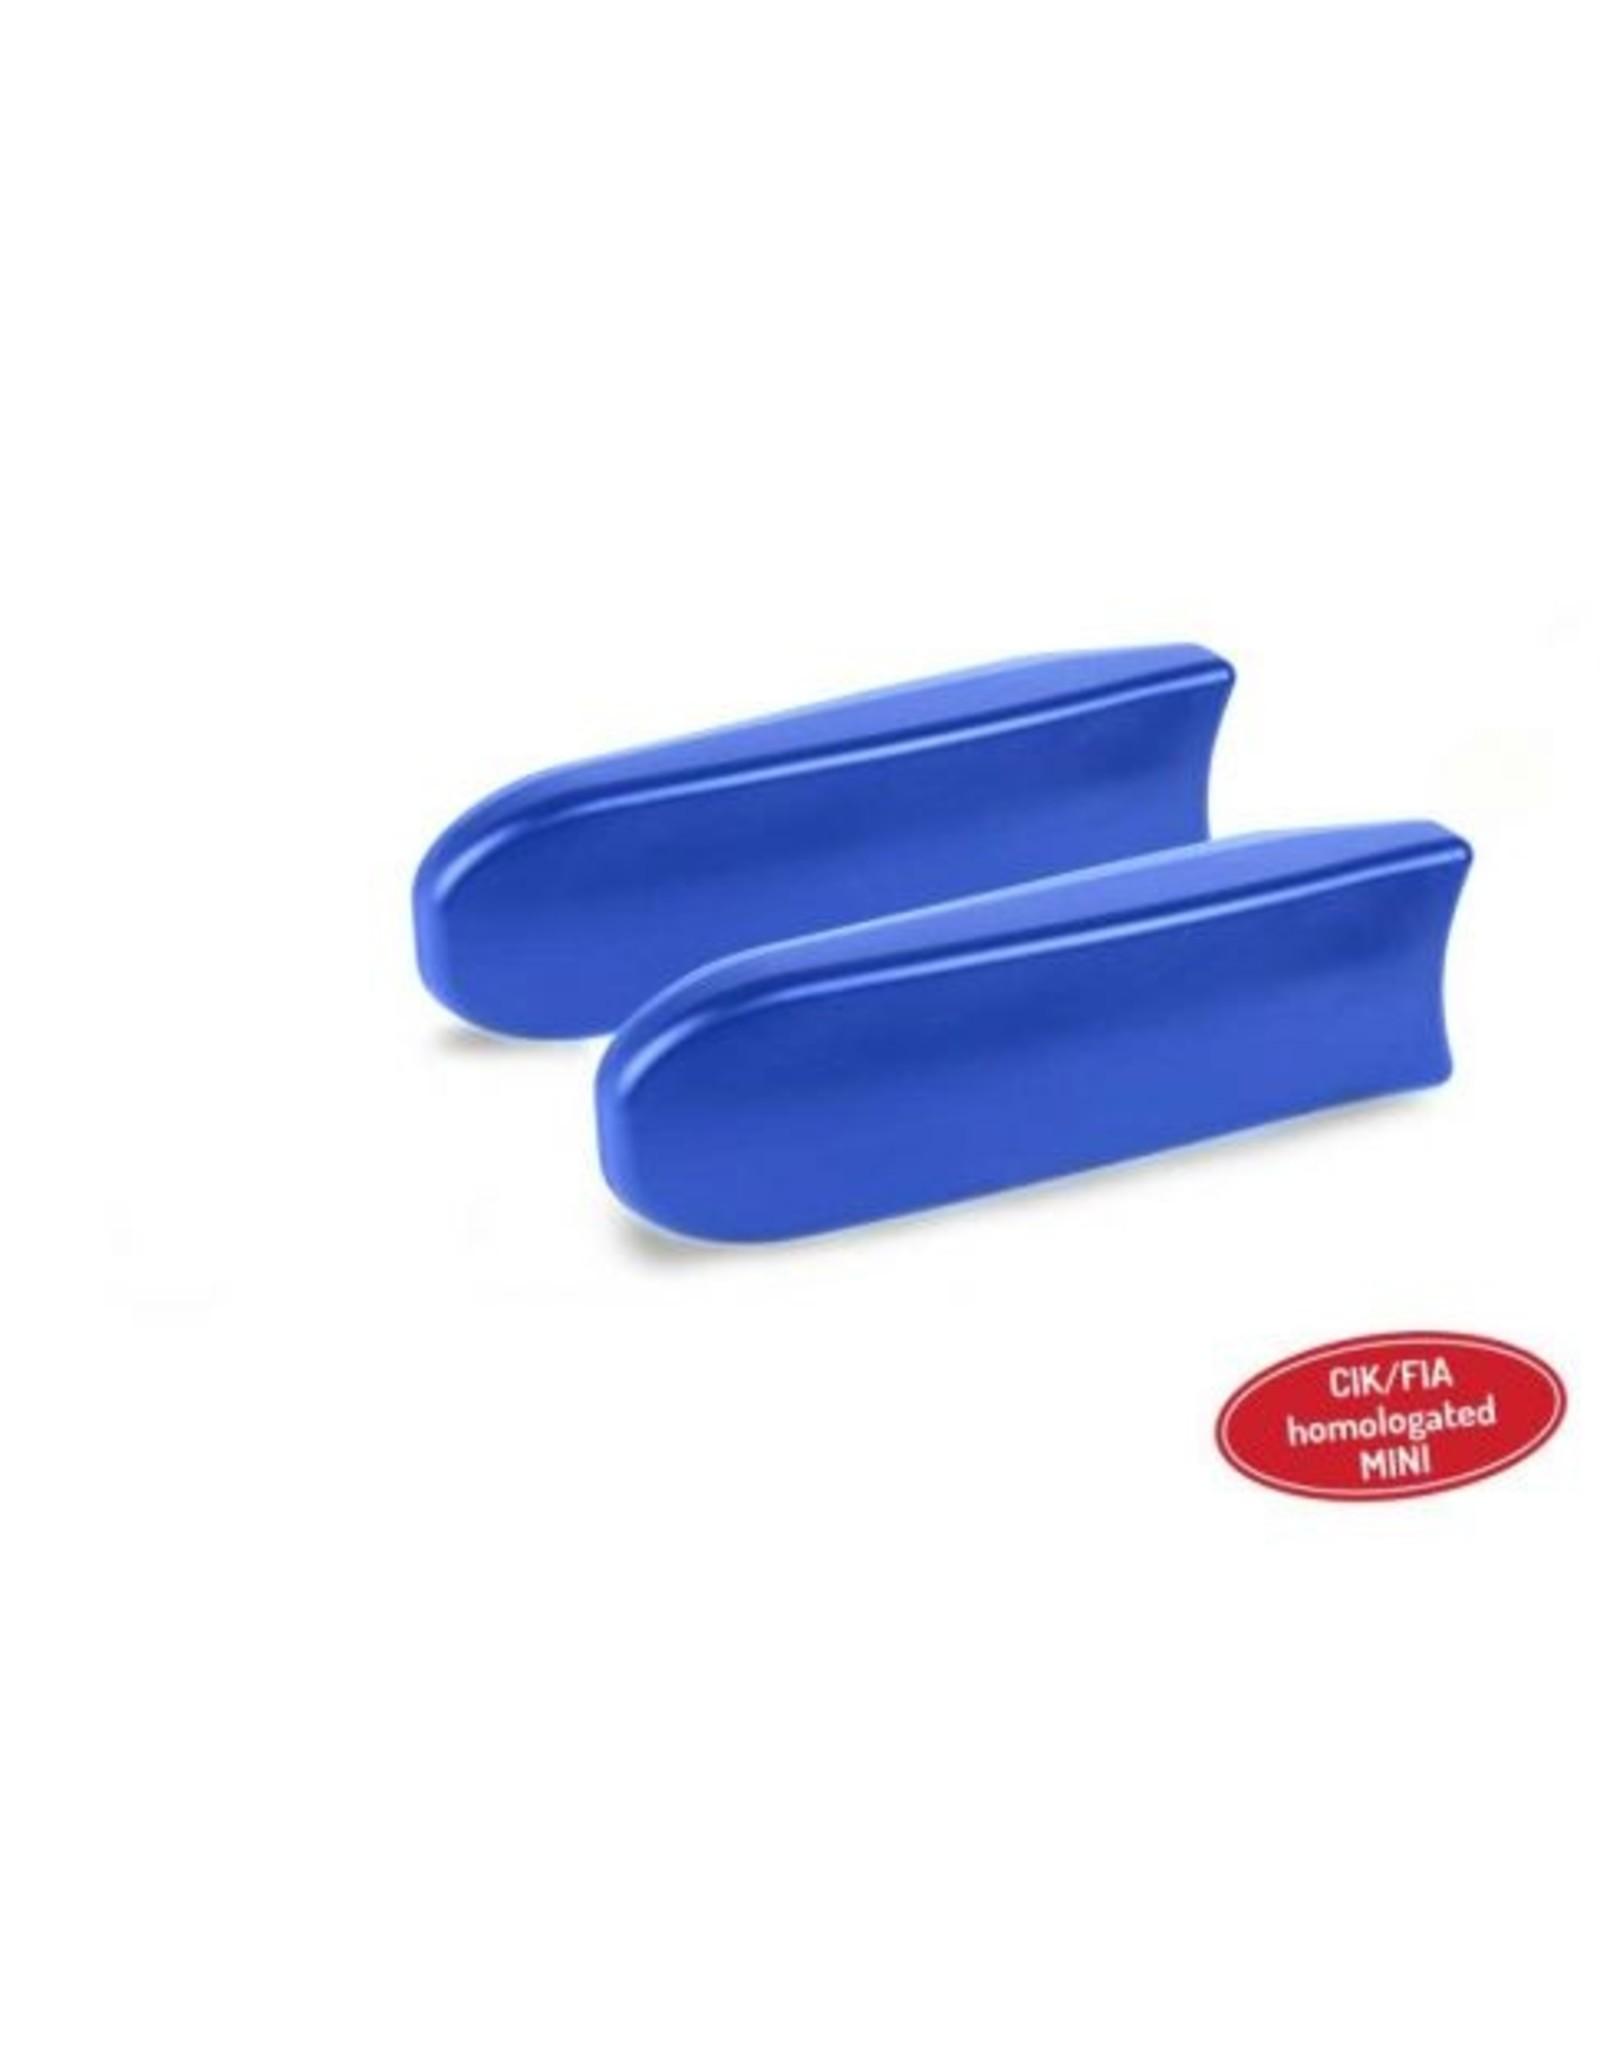 KG KG MK20 Mini side pod CIK blauw